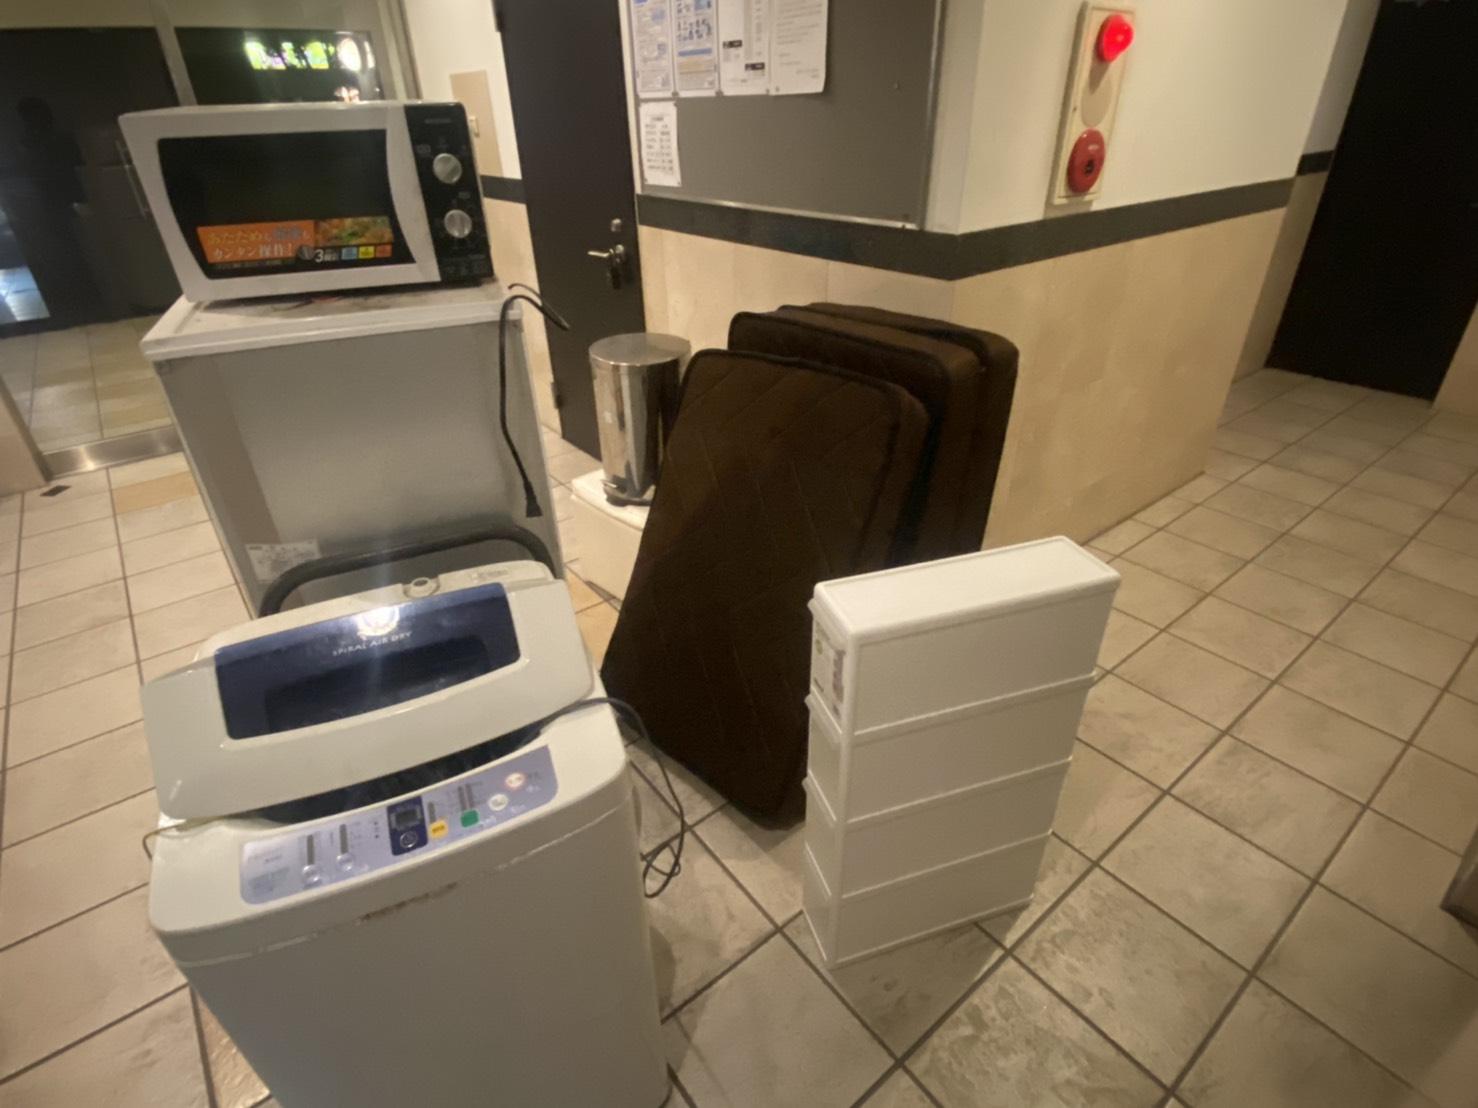 電子レンジ、冷蔵庫、洗濯機の回収前